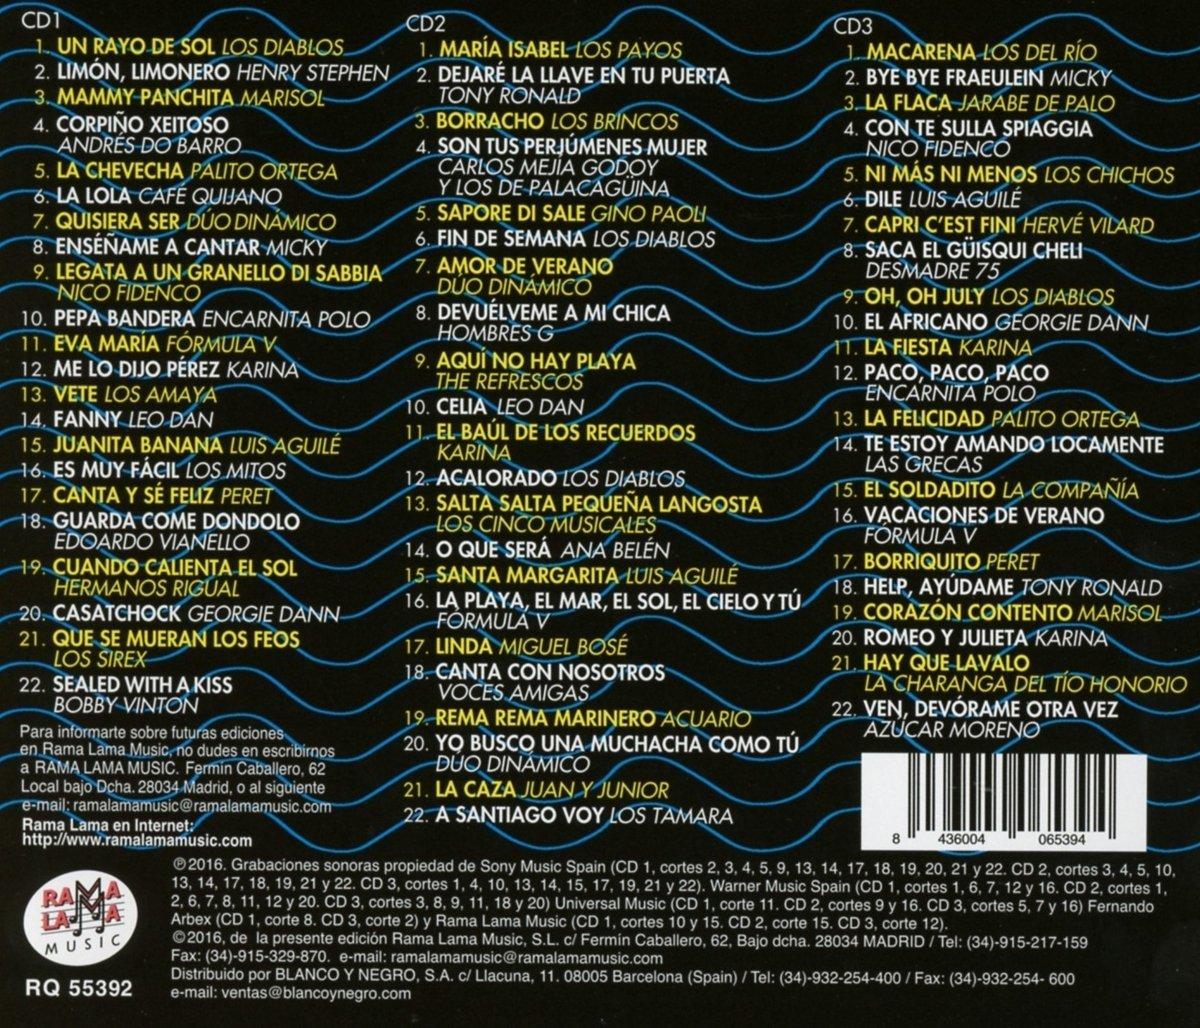 Las 66 Favoritas De Inigo Y Pardo Vol 11 Canciones - Las 66 Favoritas De Inigo Y Pardo Vol 11 Canciones Para El Verano /Various - Amazon.com Music